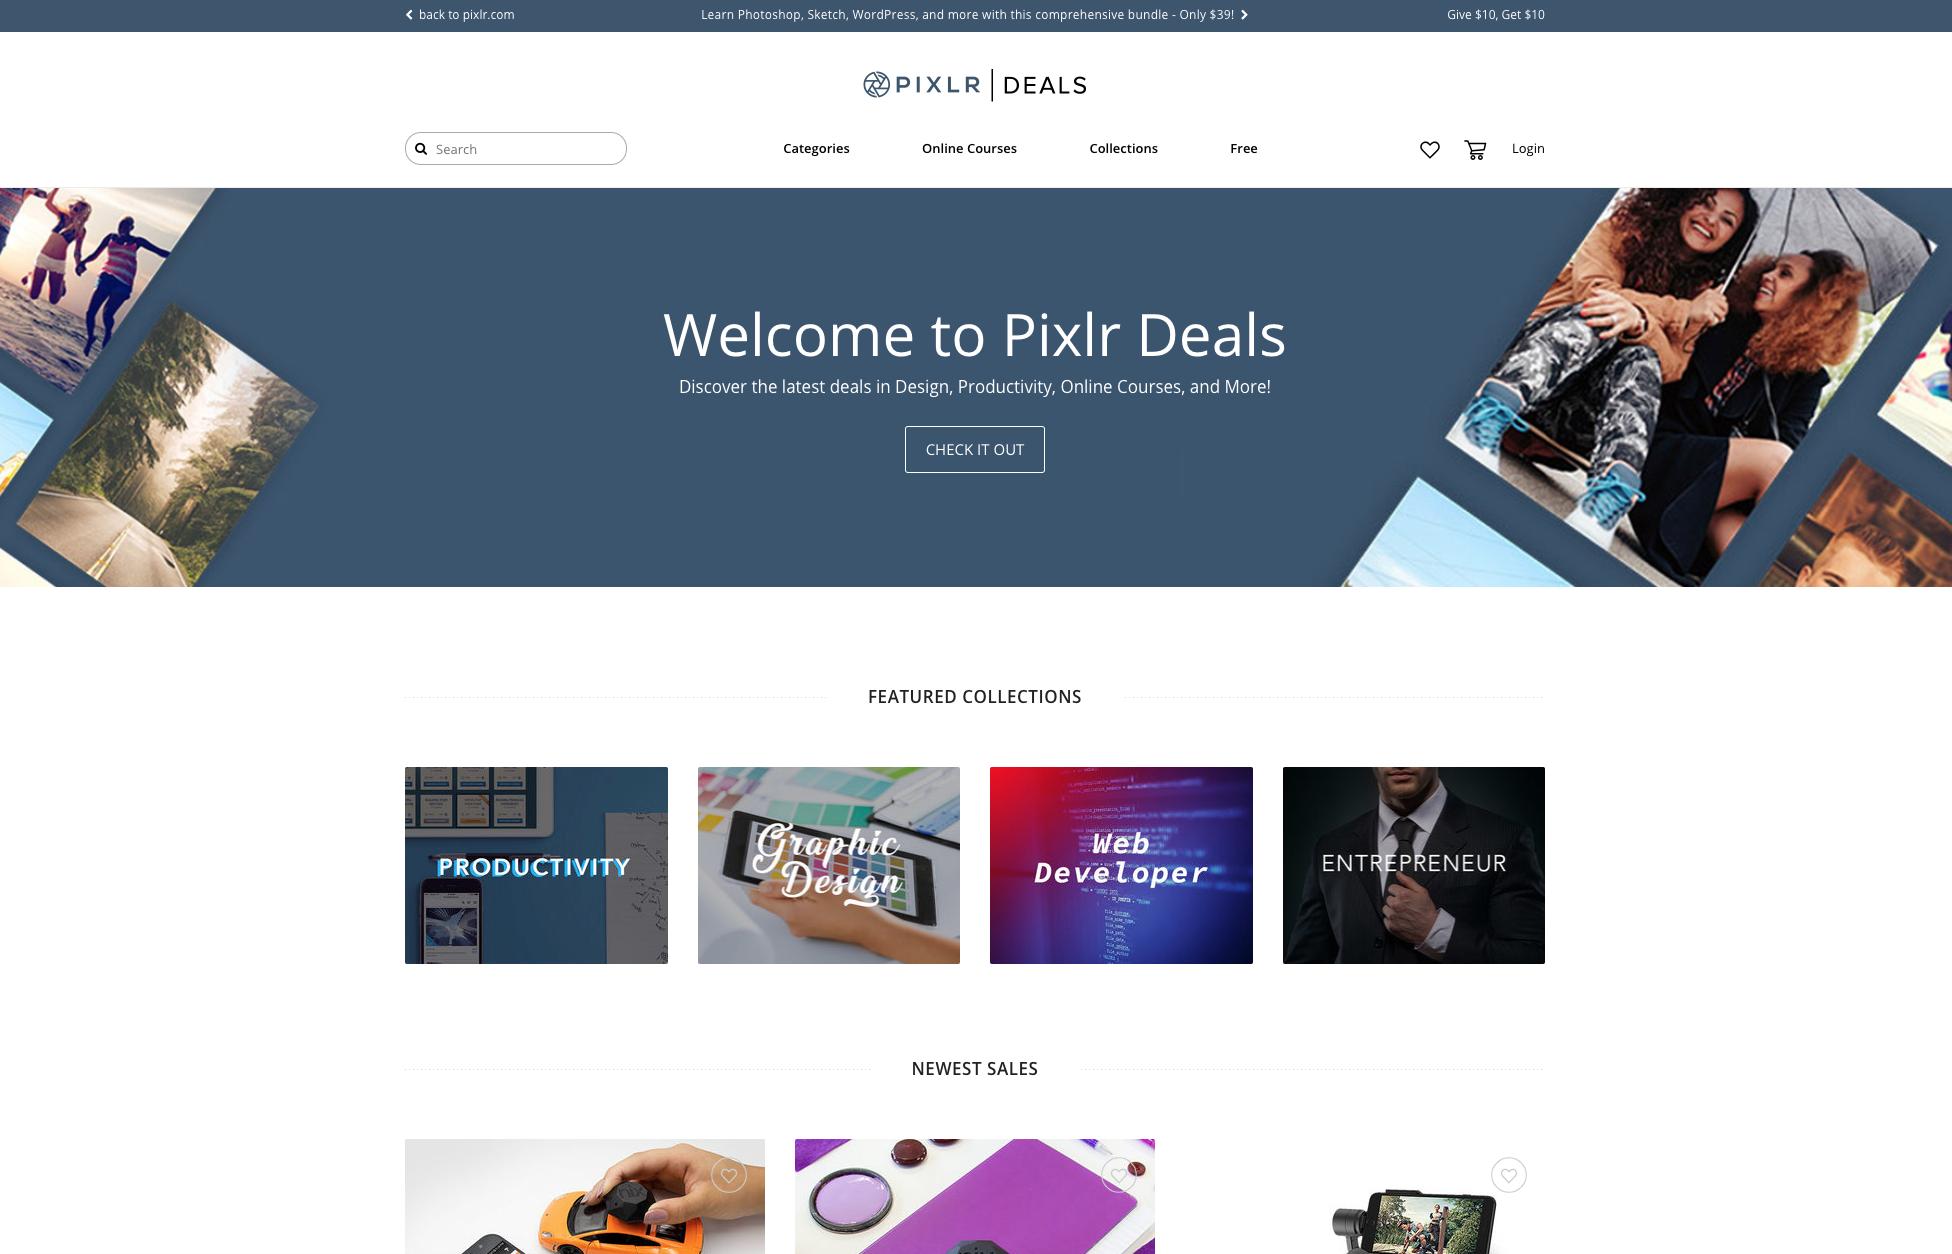 Introducing Pixlr Deals